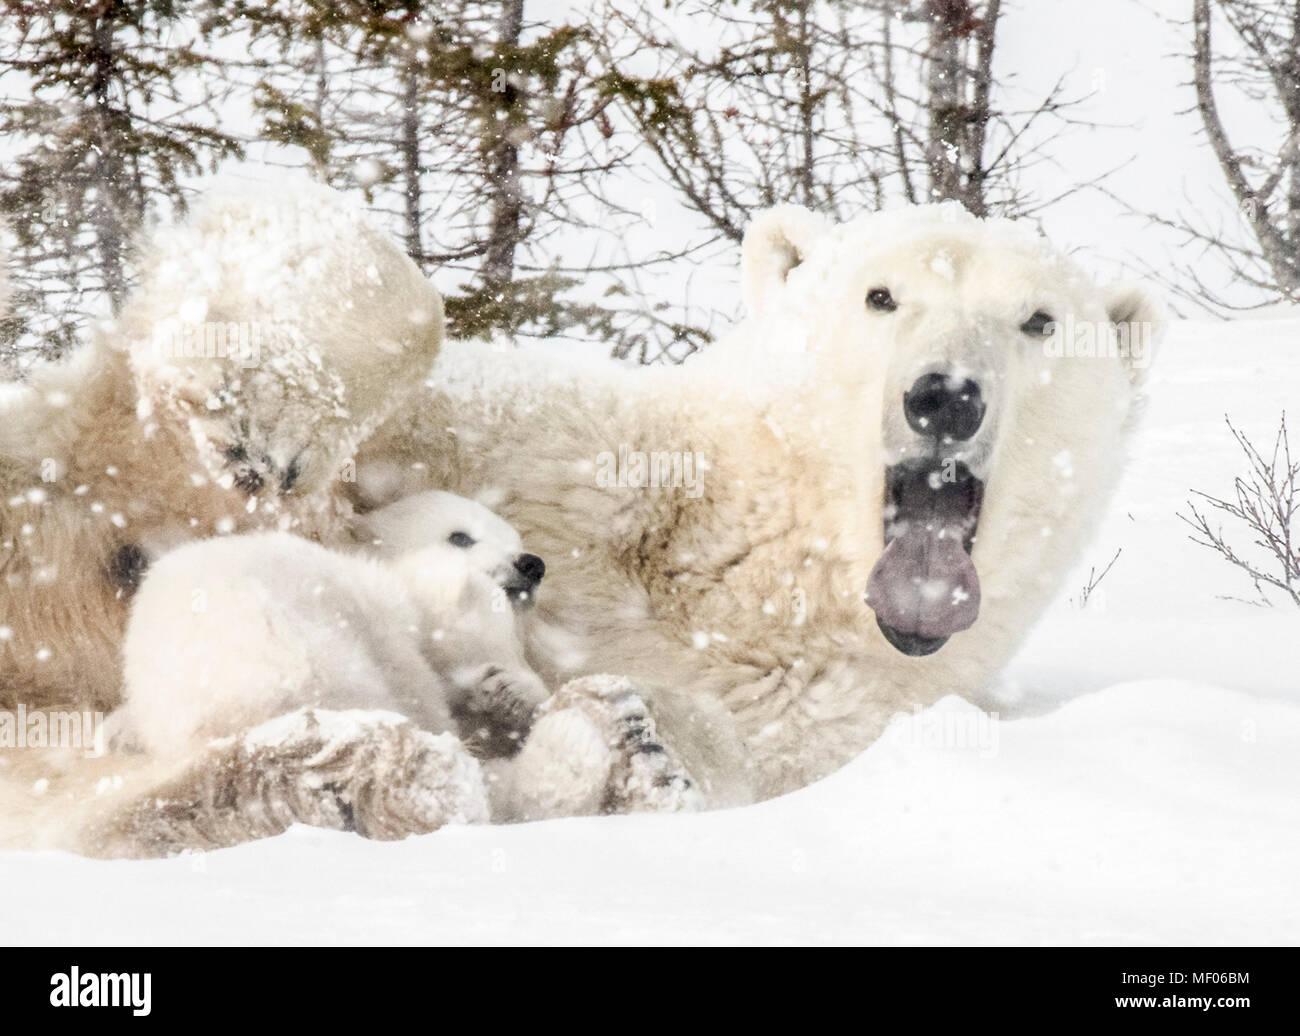 Sleepy Eisbär mama Knuddel und Krankenschwestern ihren Jungen. Stockbild